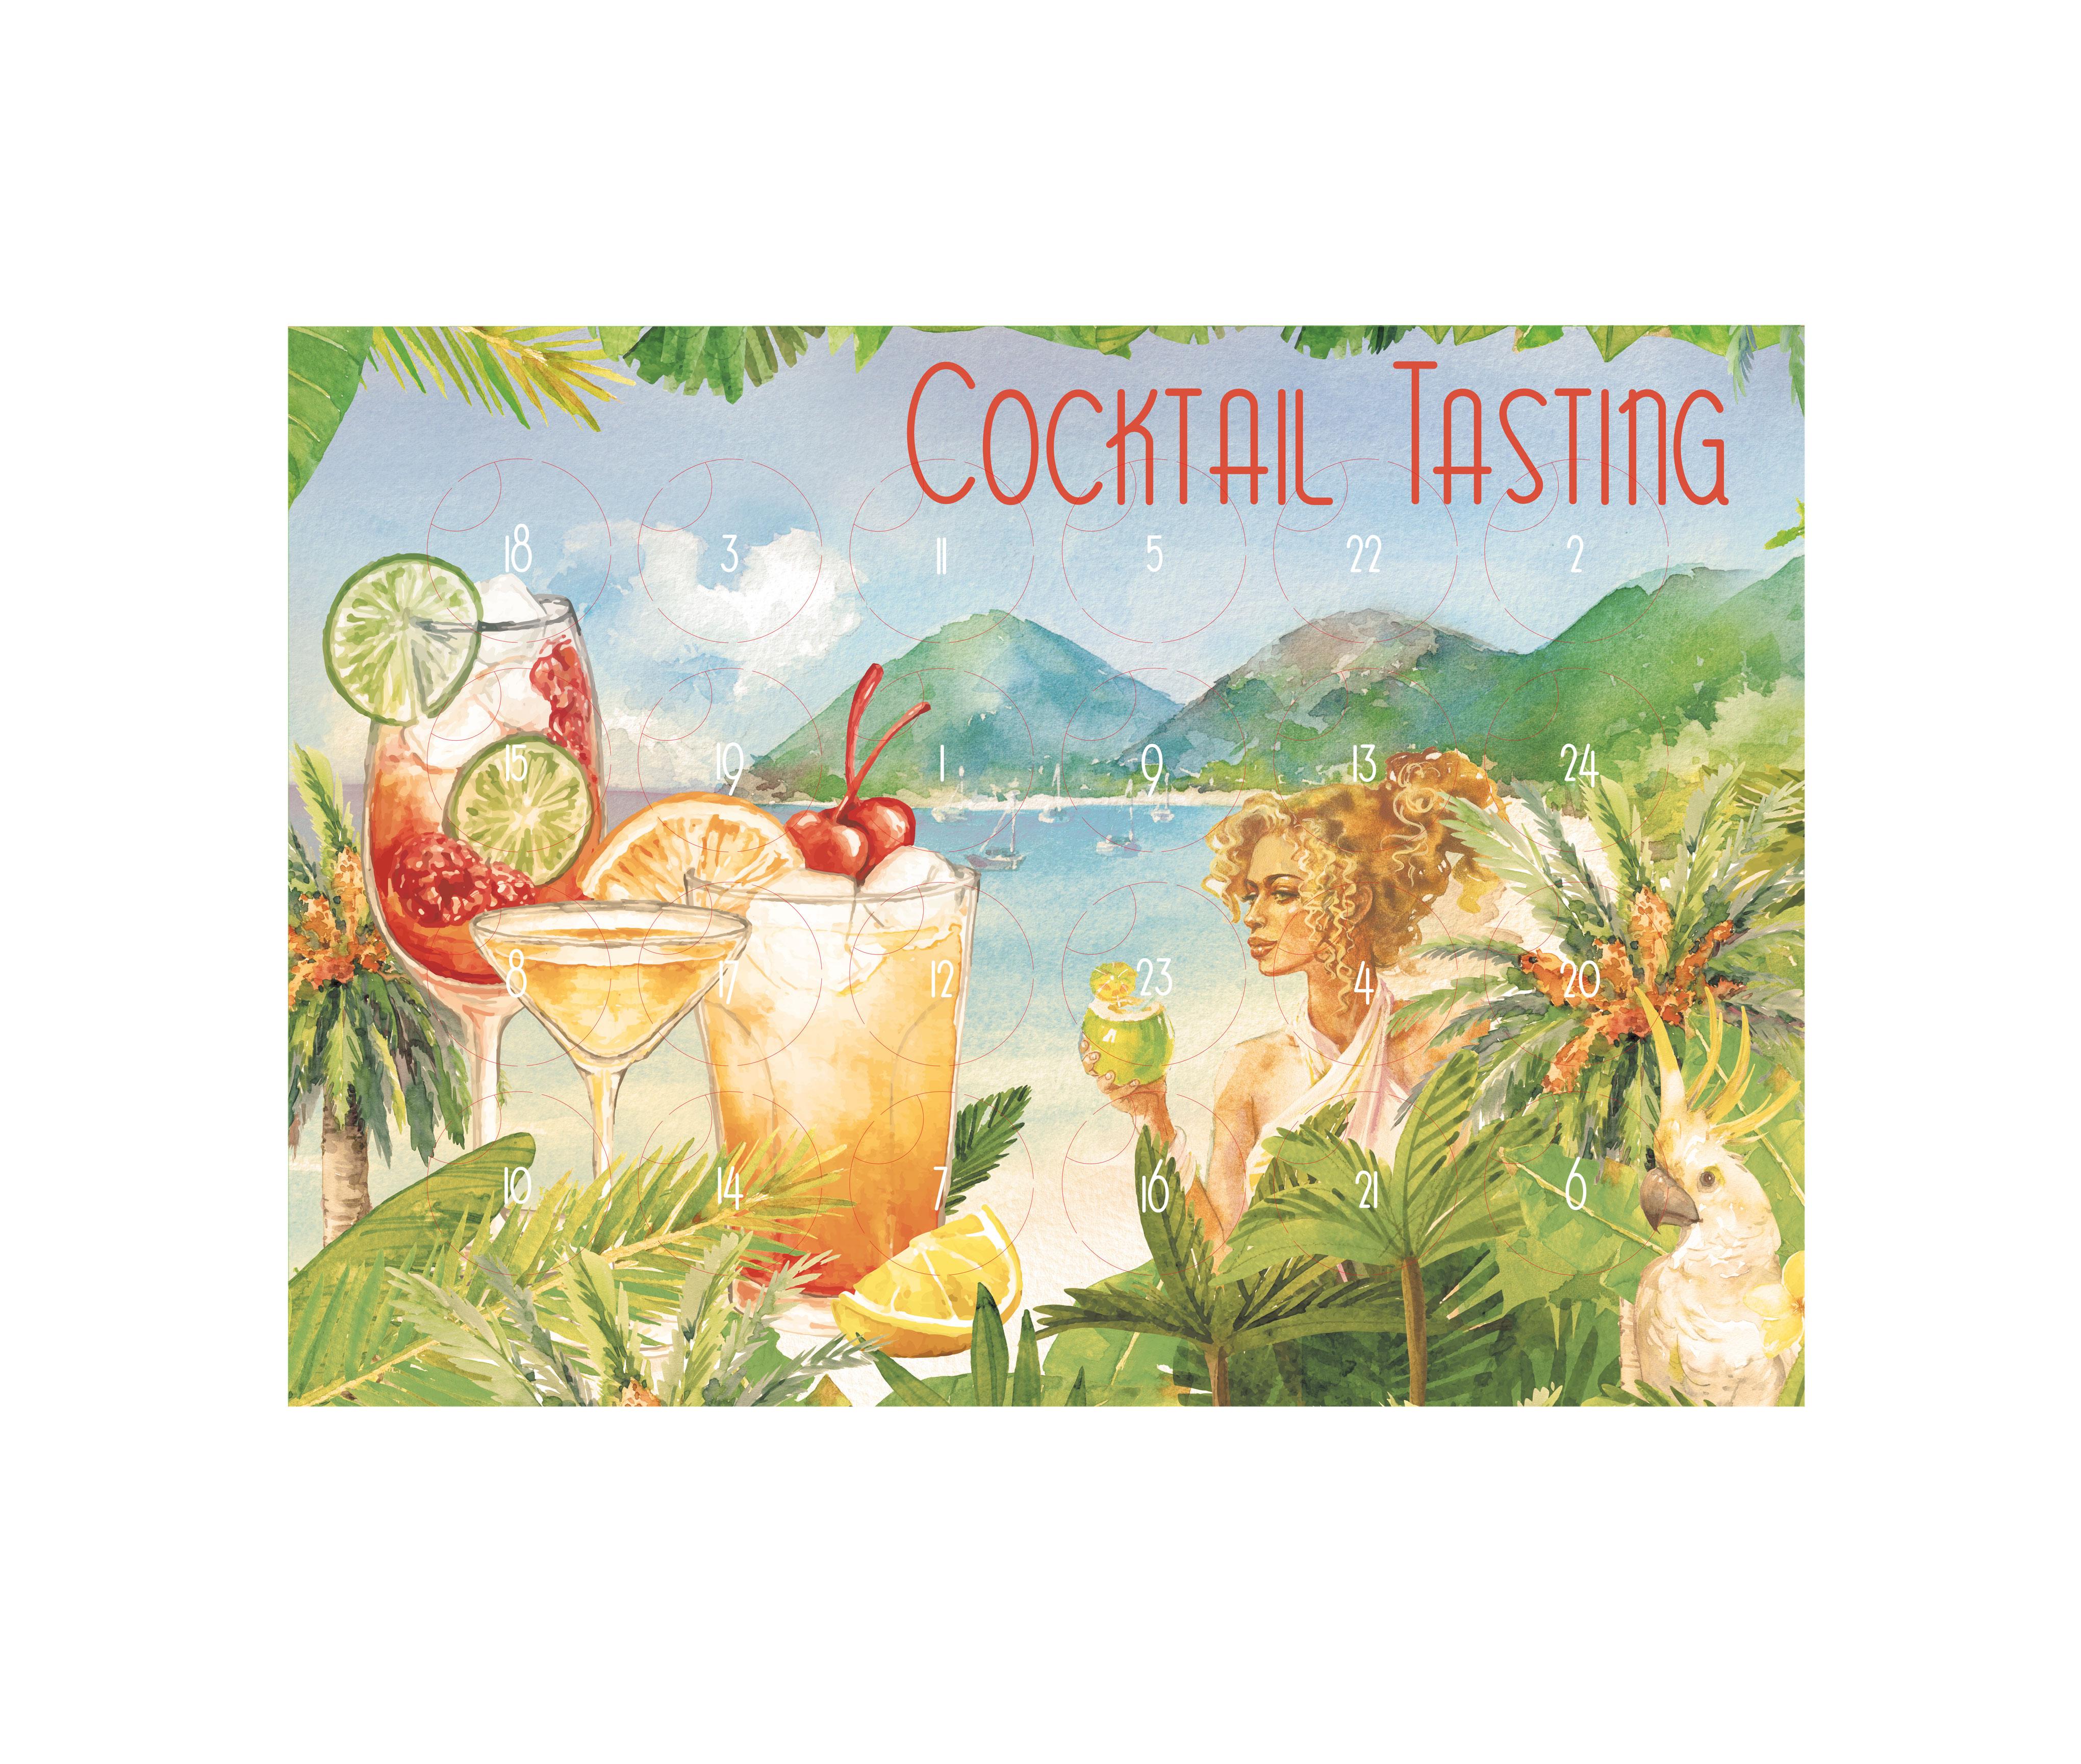 Cocktail Tasting Kalender - 24x verschiedene ready to drink Getränke im Adventskalender - Weihnachtsgeschenk Pina Colada Mai Tai Caipirinha Lolea Mojito Negroni Old Fashion White Claw und viele mehr Geschenk Set Probiers